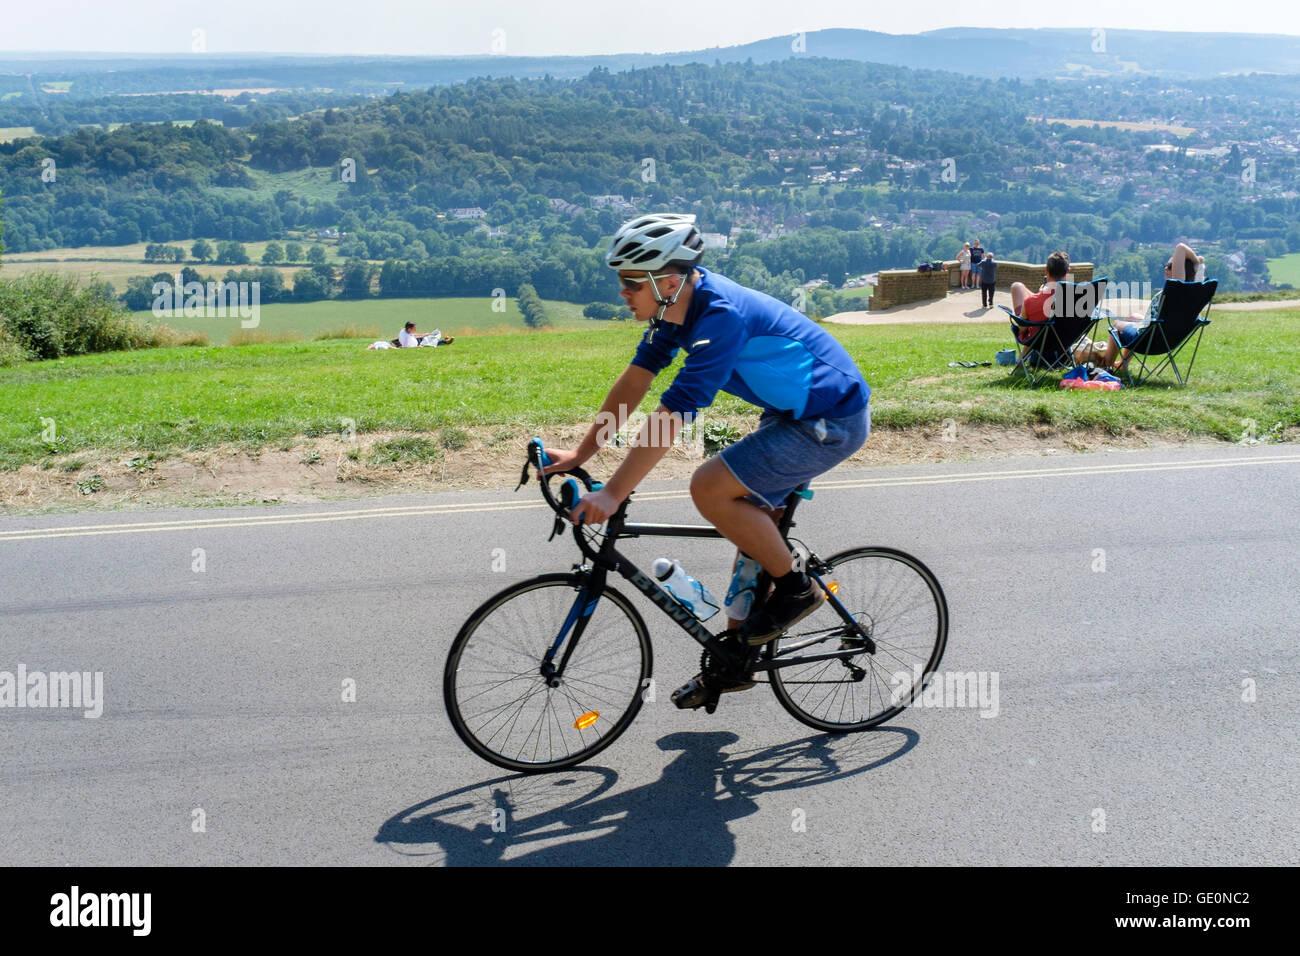 Radfahrer an der Oberseite der Box Hill, Surrey, Großbritannien Stockbild